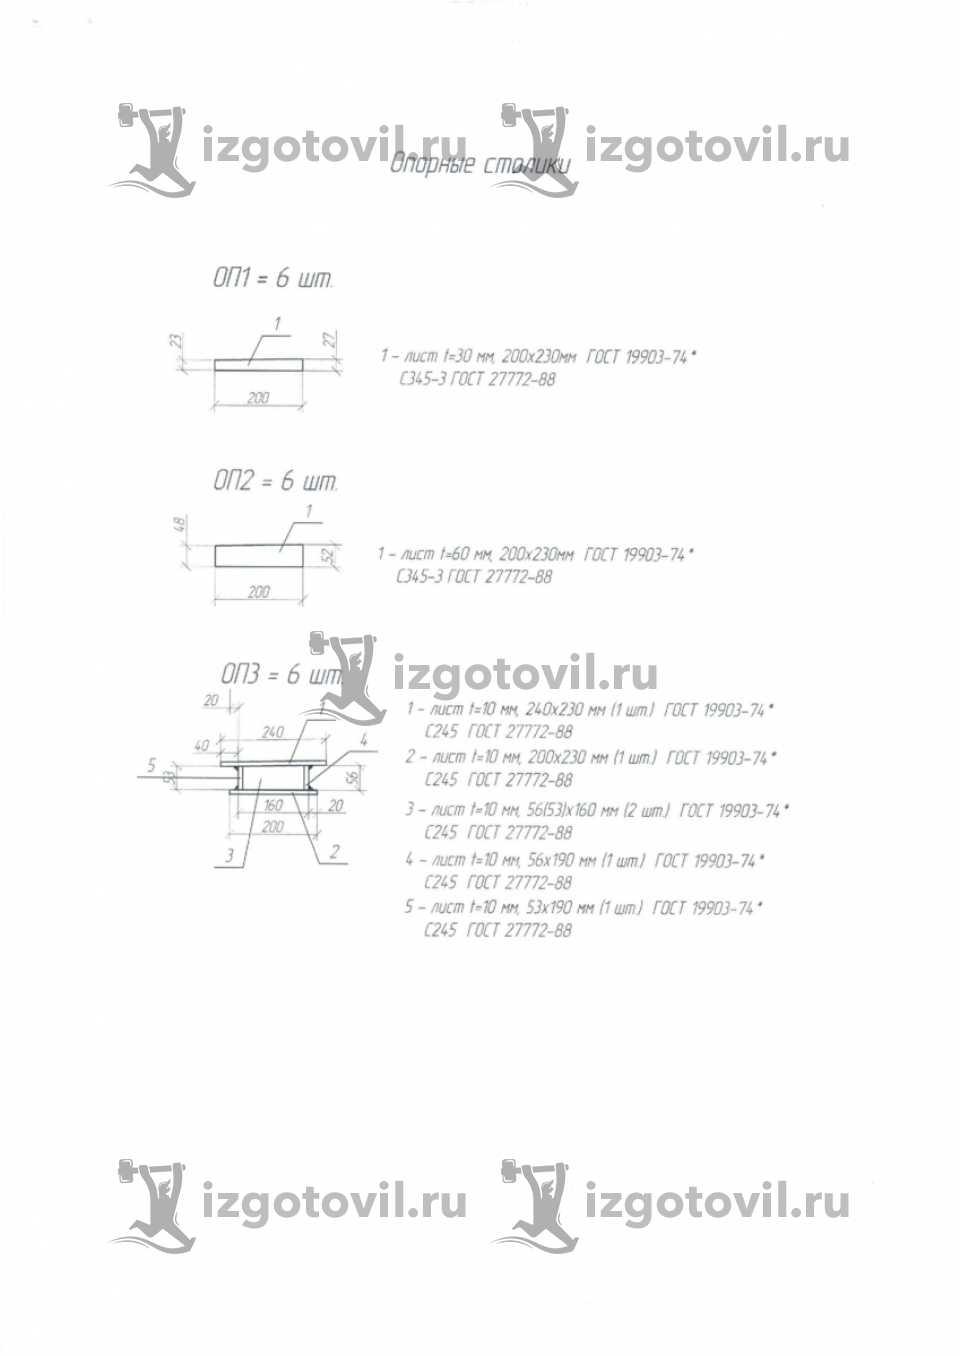 Гидроабразивная резка - изготовление опорных столиков